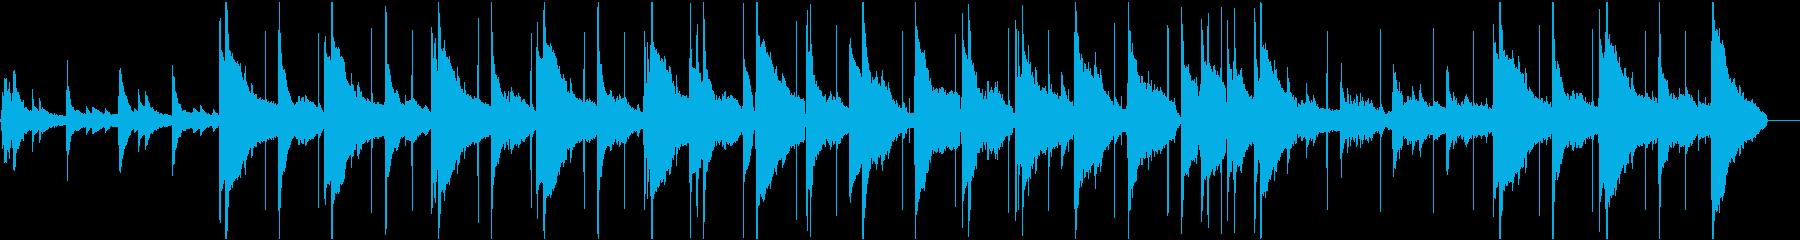 エレガント/切ない/洗練/ピアノバラードの再生済みの波形